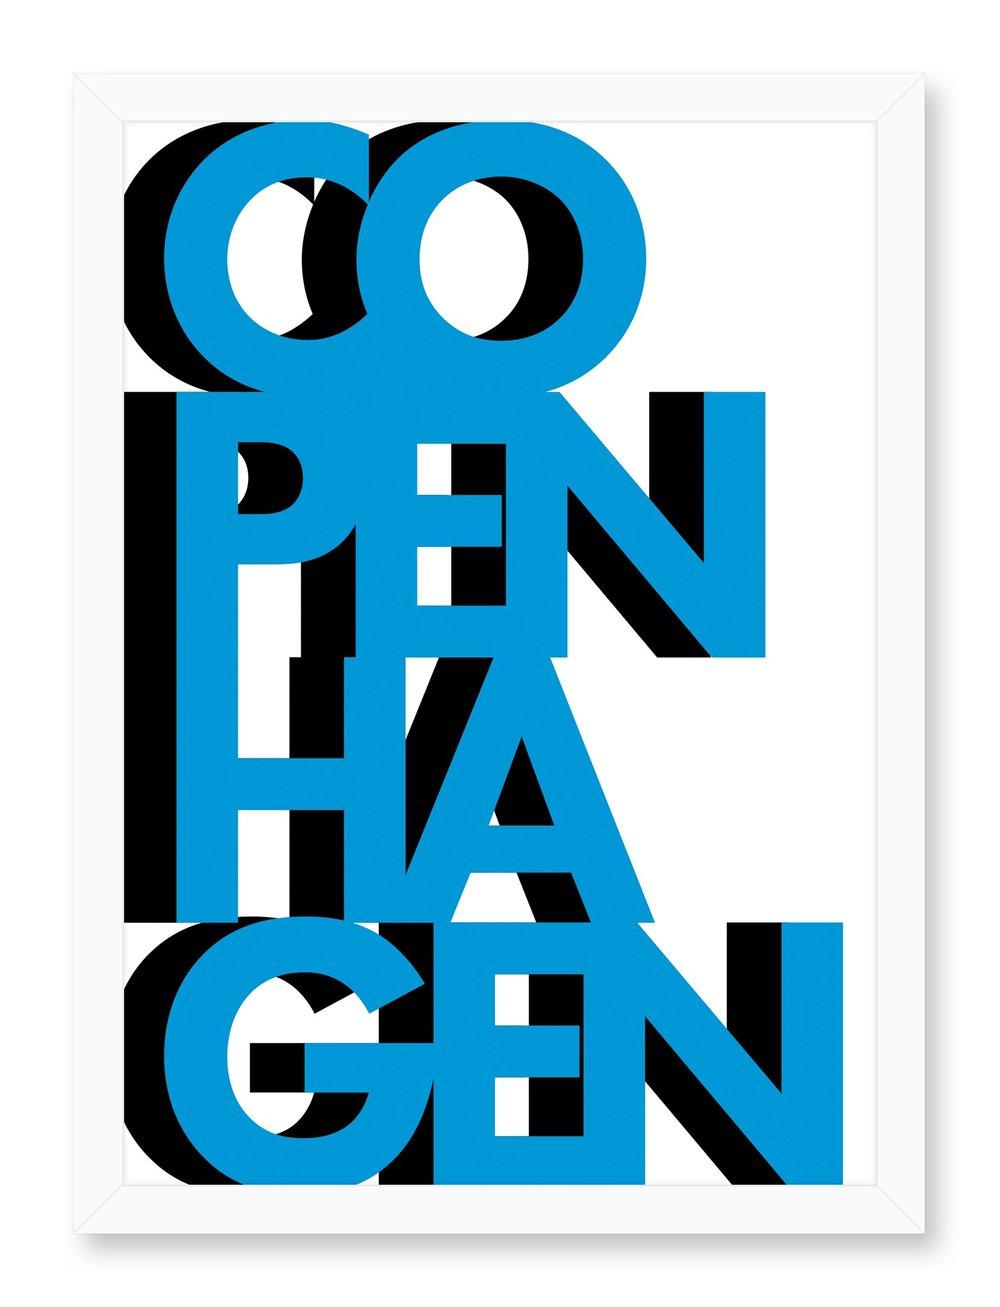 copenhagen_blue_white.jpg